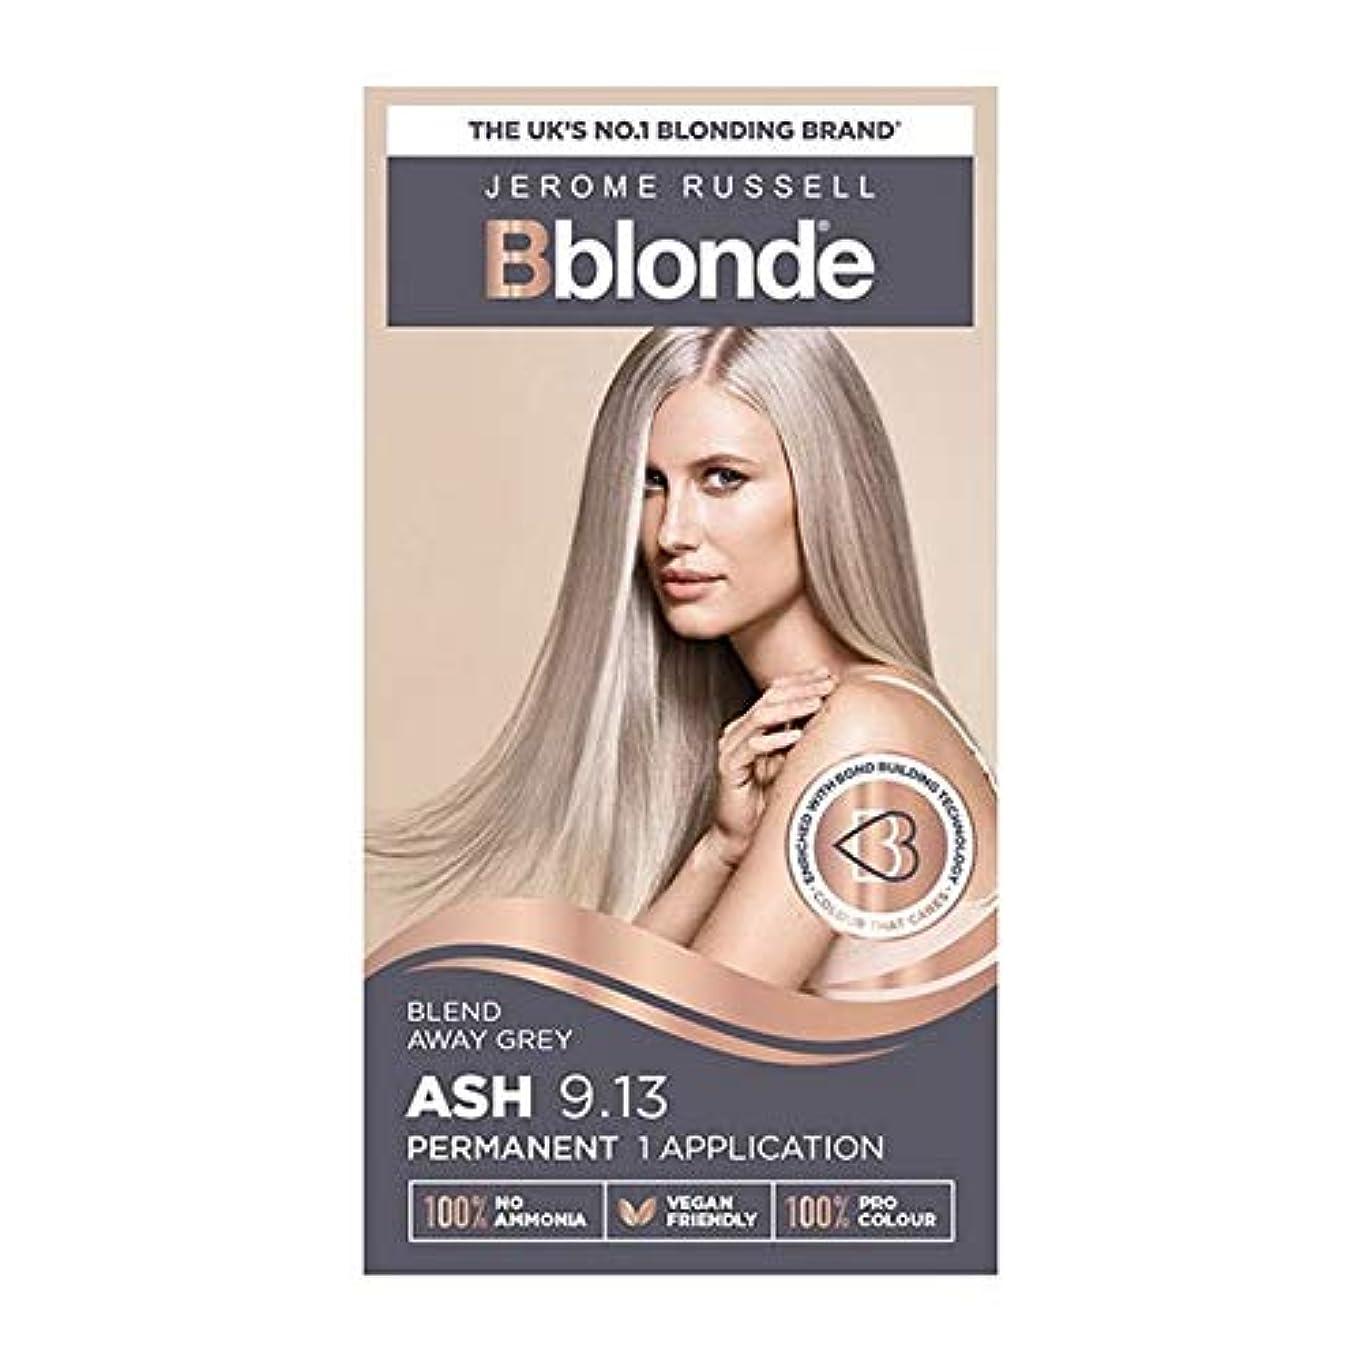 適用済みベイビー告発者[Jerome Russell ] ジェロームラッセルBblondeパーマネントヘアキット灰ブロンド9.13 - Jerome Russell Bblonde Permanent Hair Kit Ash Blonde...